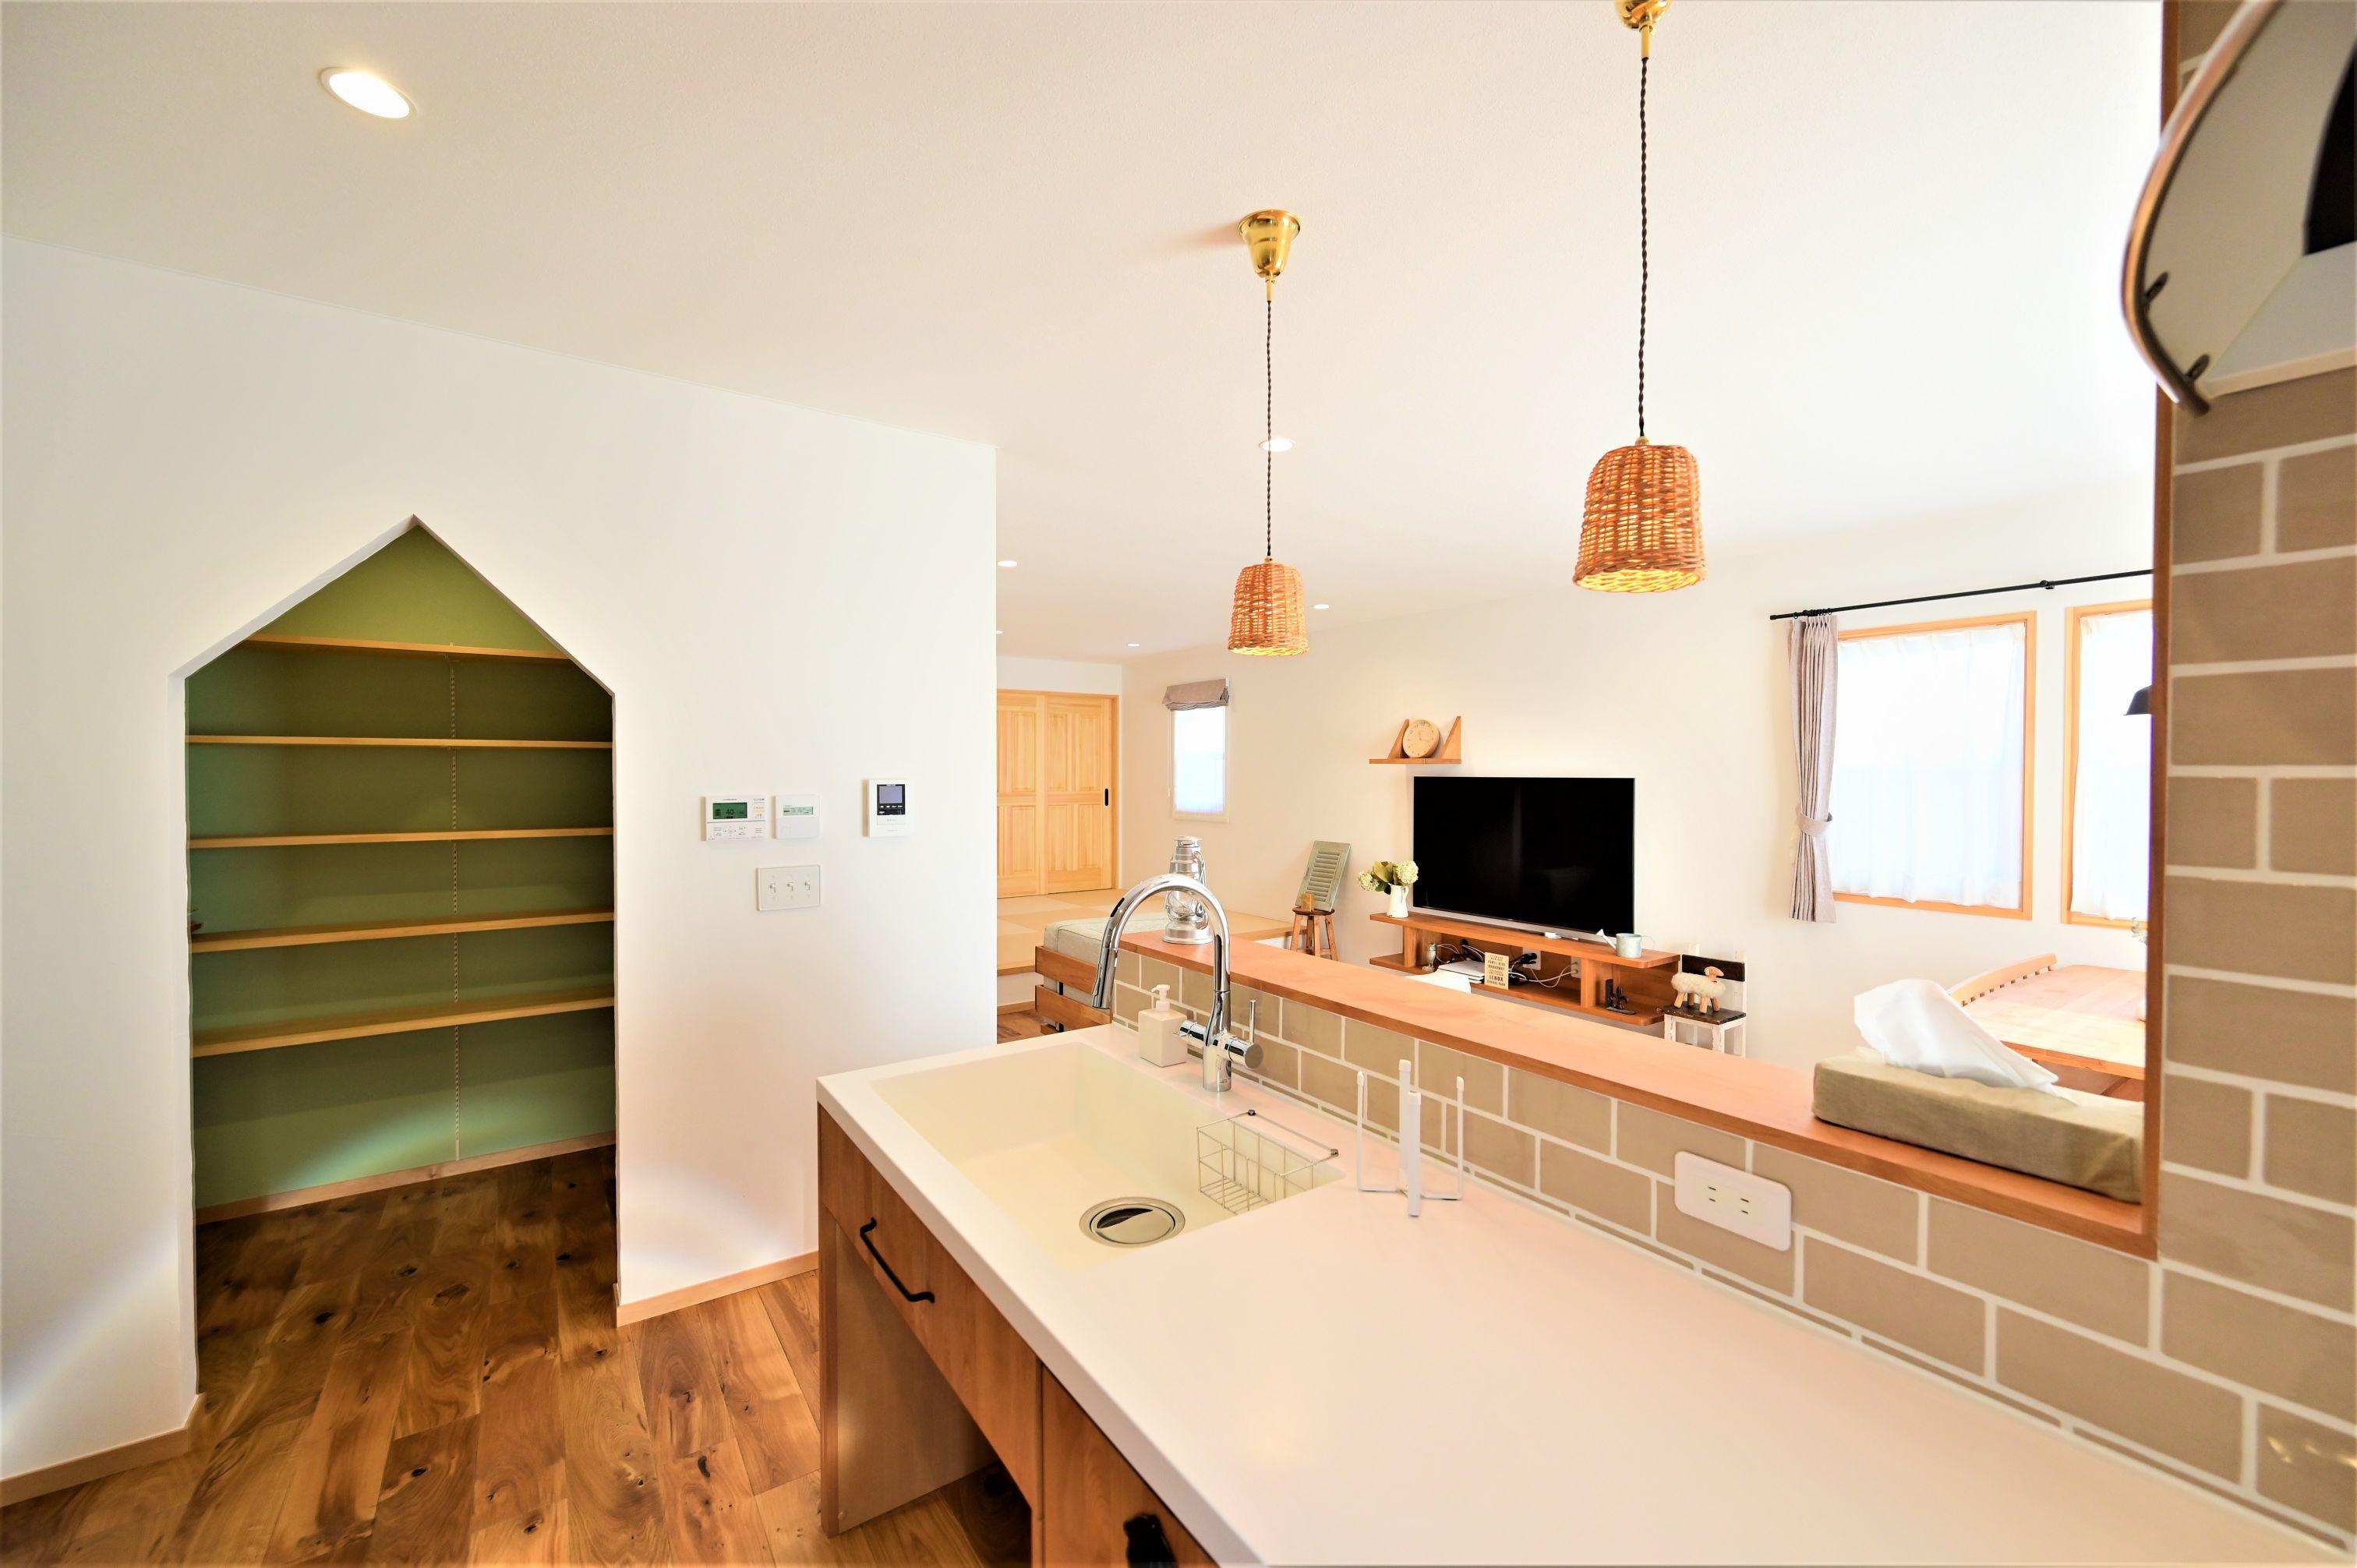 サンエフホーム【デザイン住宅、収納力、自然素材】パントリーの入り口も工夫でインテリアの一部になる